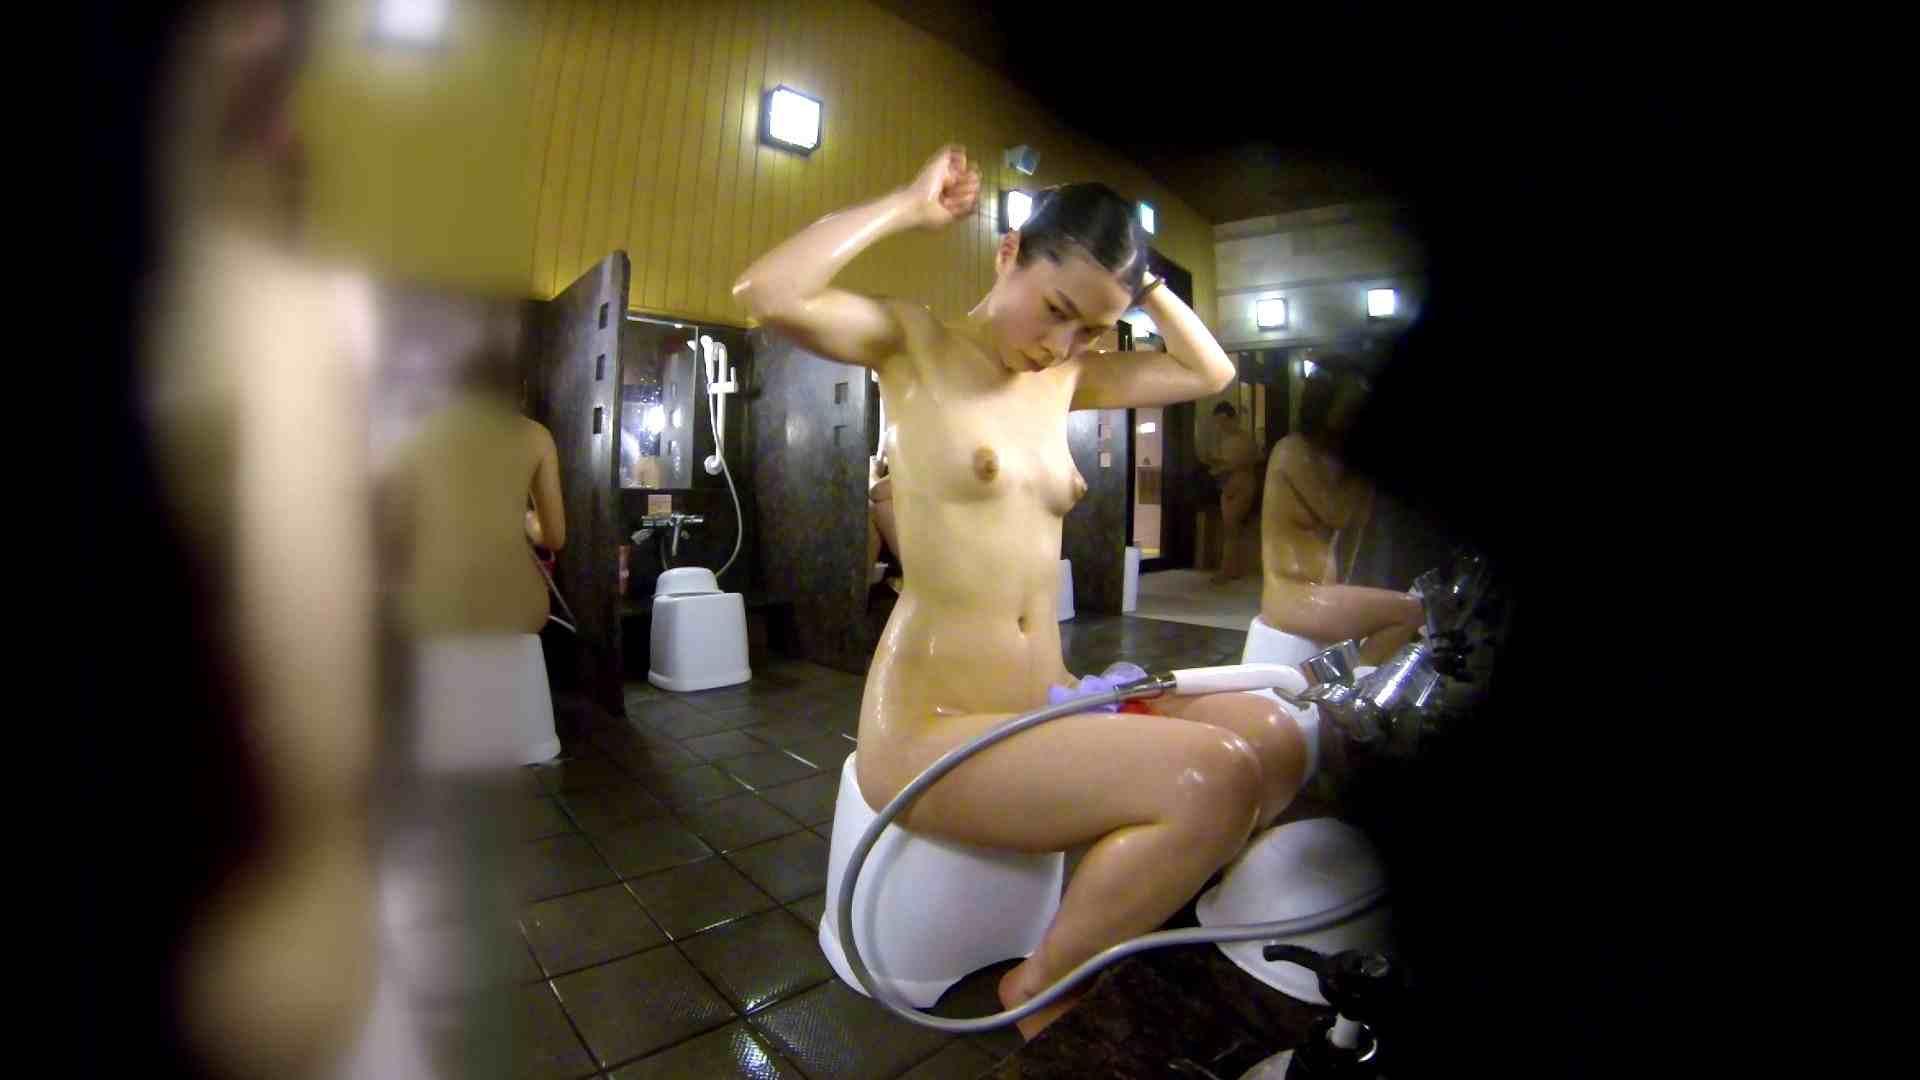 洗い場!ハッキリとした顔立ちとハッキリとした高低差の乳輪 細身女性 オマンコ動画キャプチャ 75画像 11